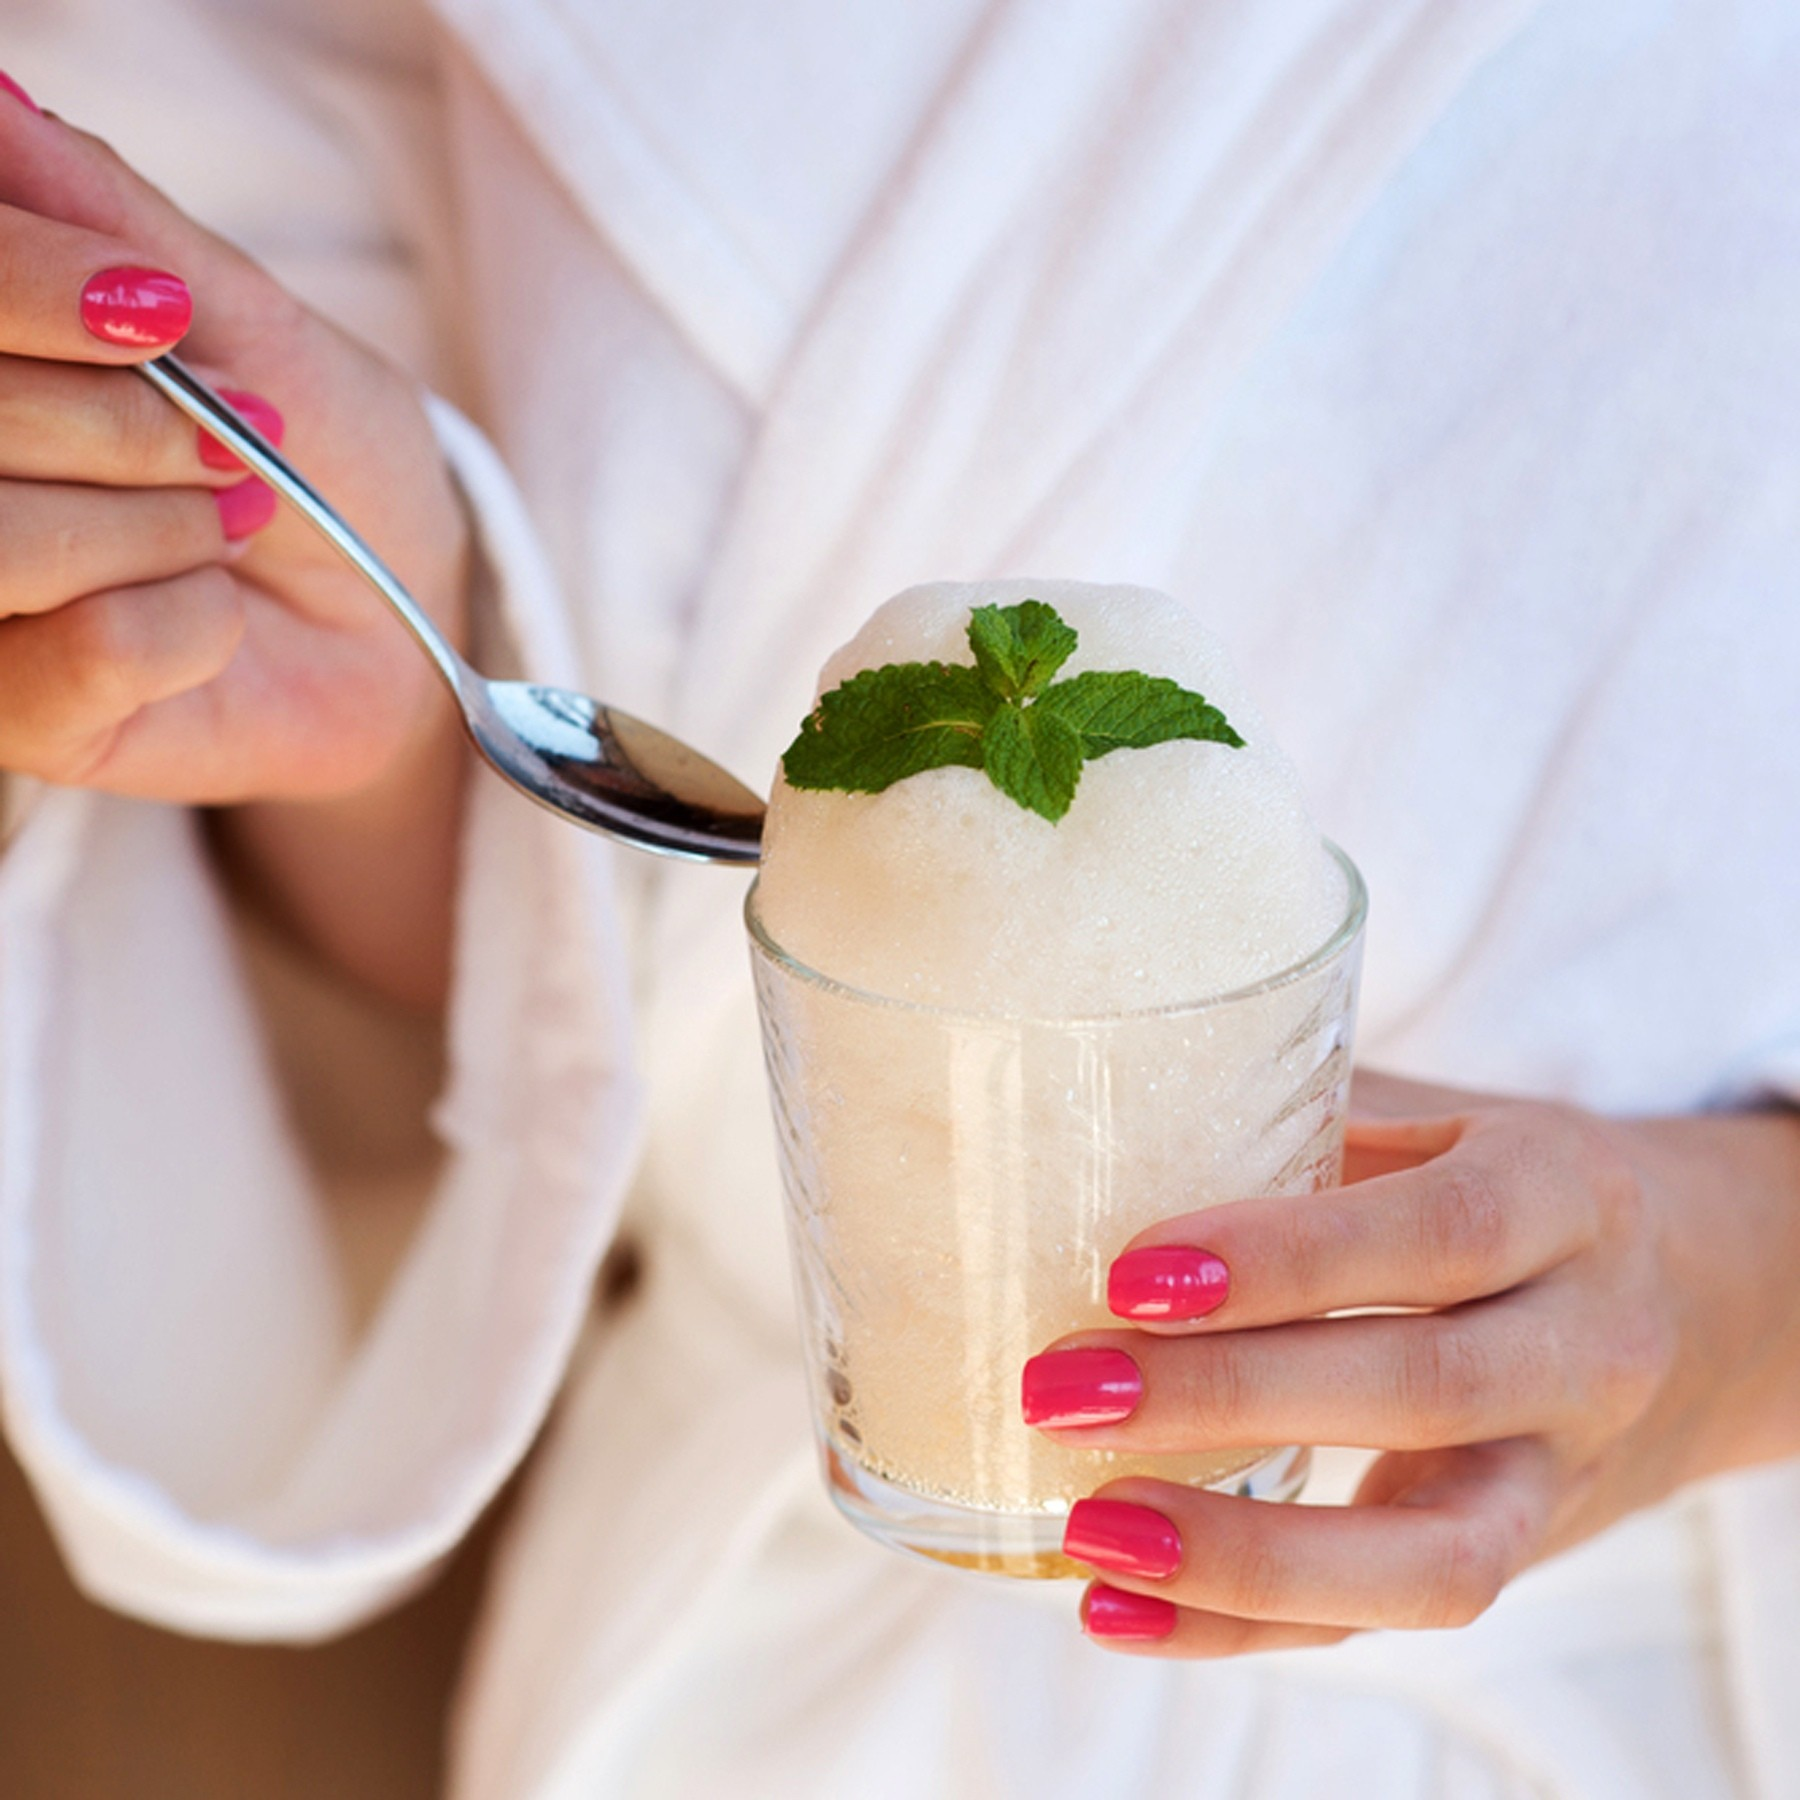 """Кислородный коктейль: полезные свойства, противопоказания, правила приема - официальный сайт ау санаторий """"юган"""""""